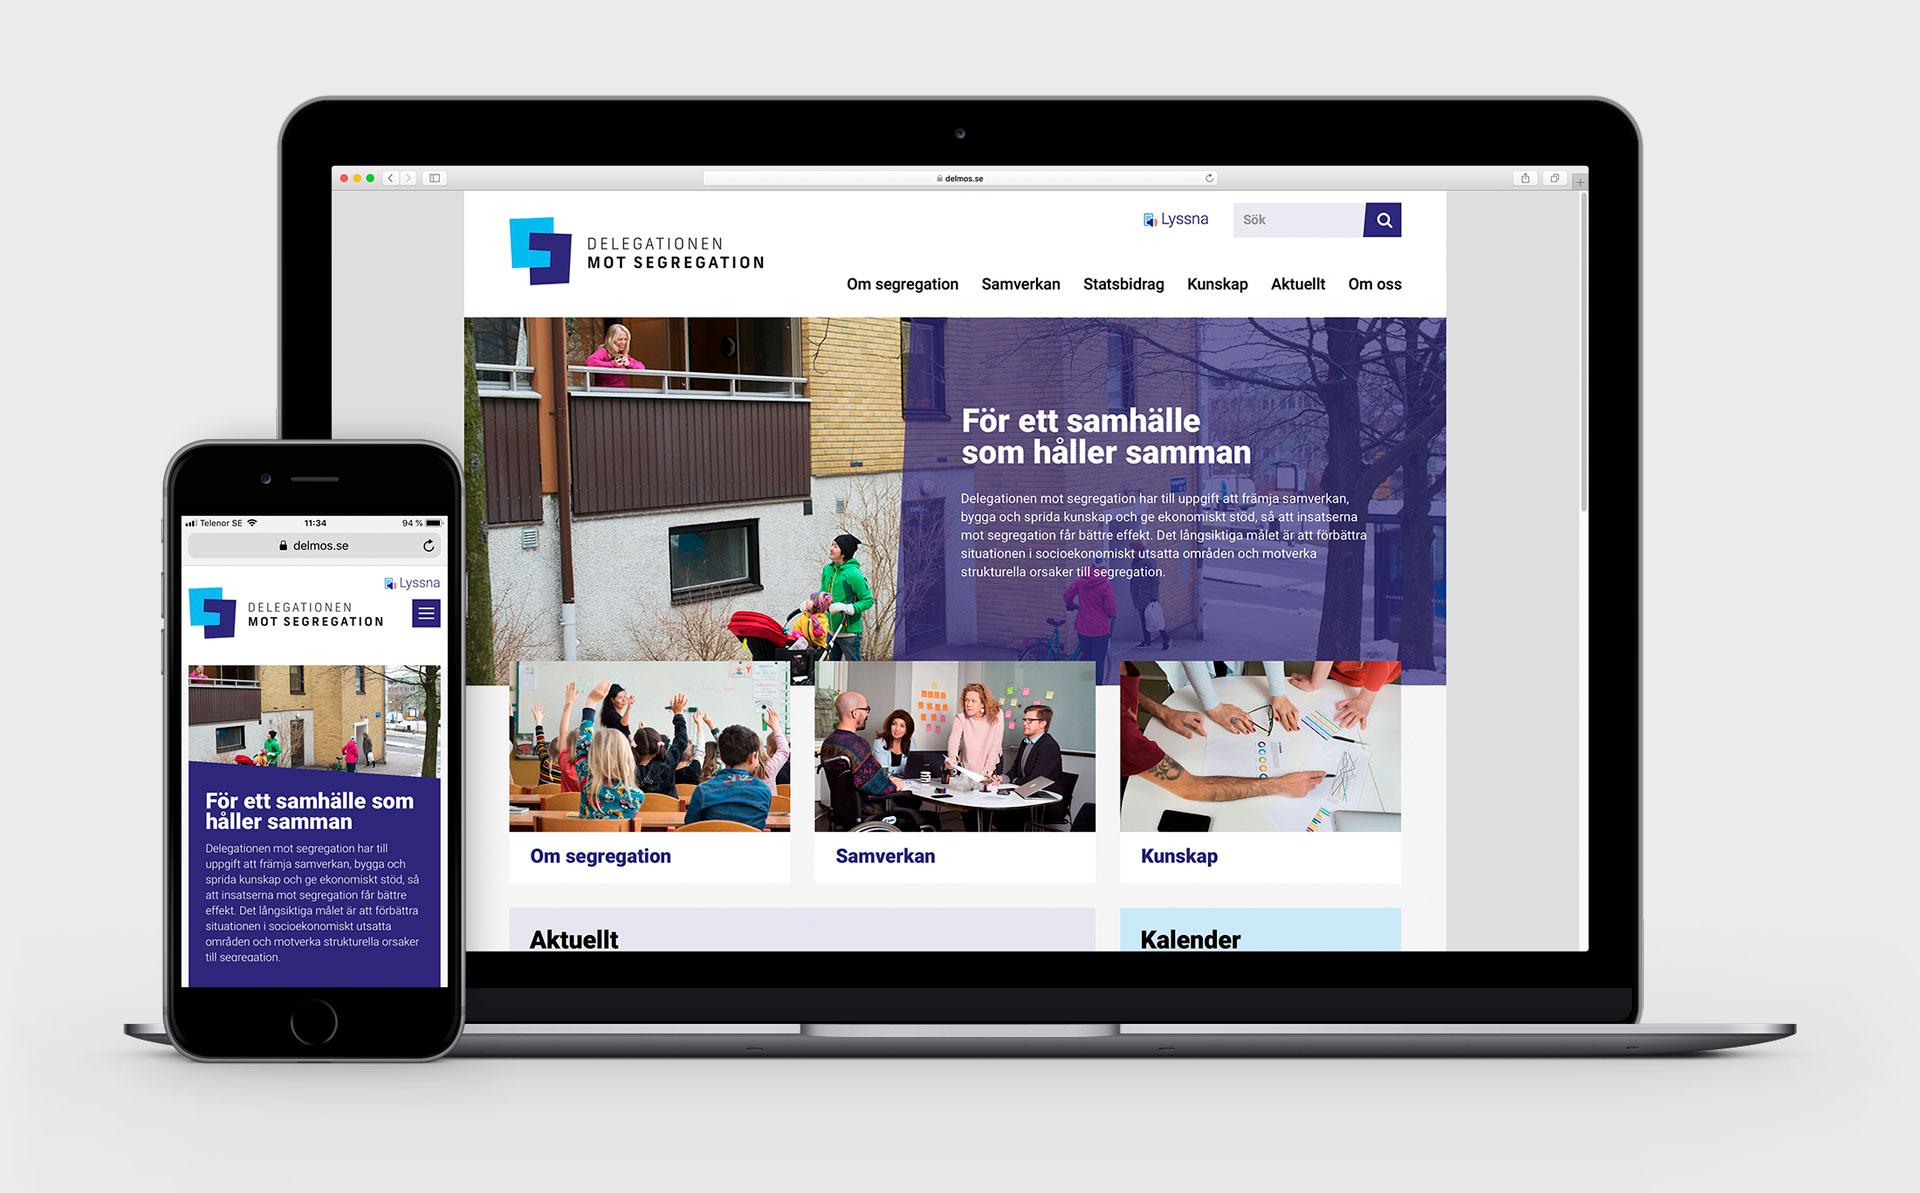 Delegationen mot segregation - webbplats